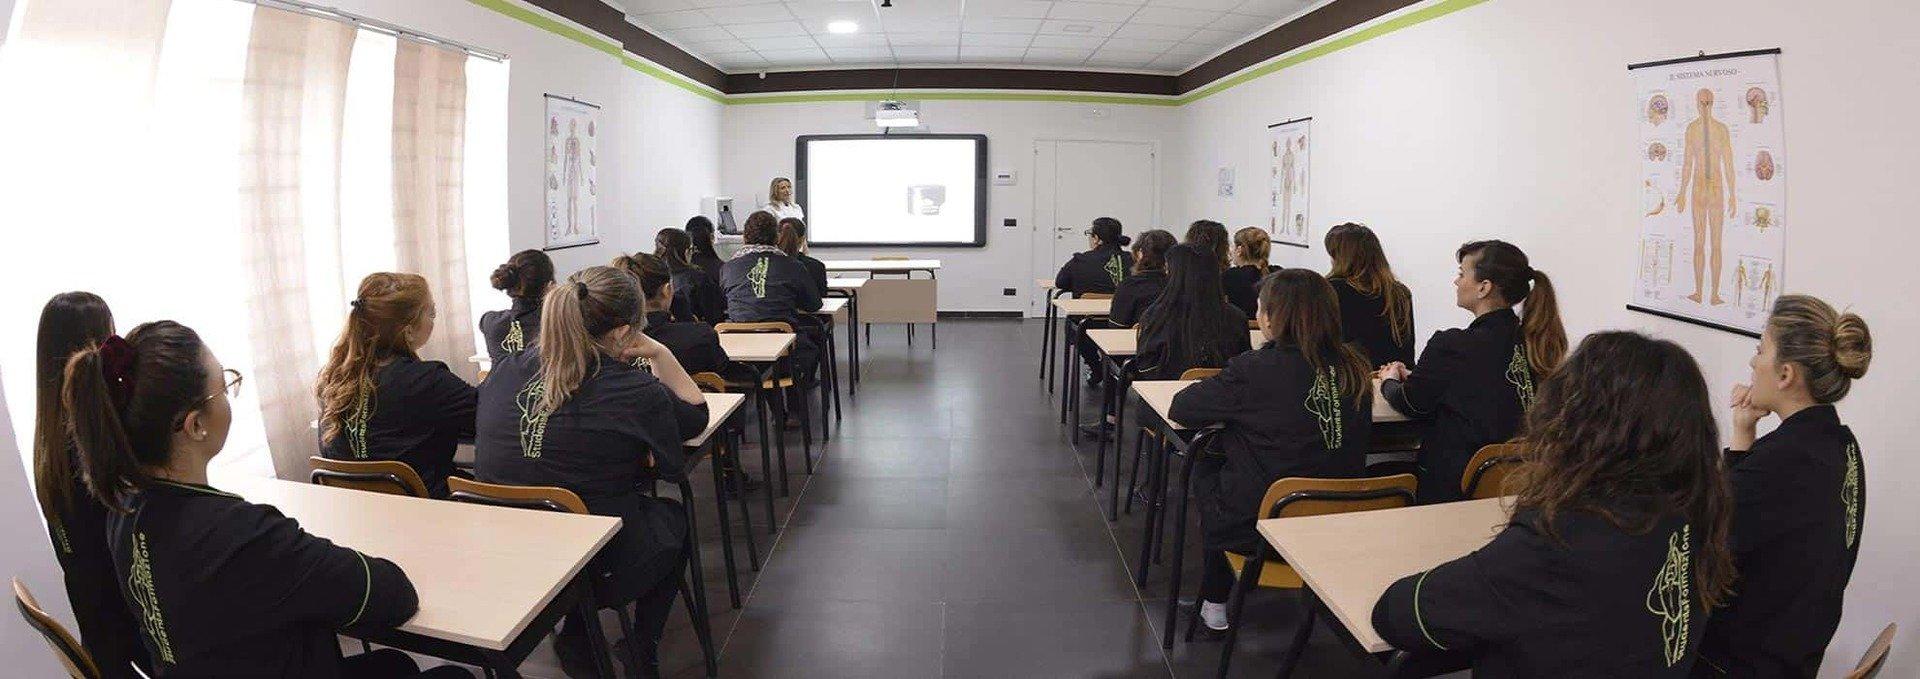 un'aula con delle ragazze in uniforme nere